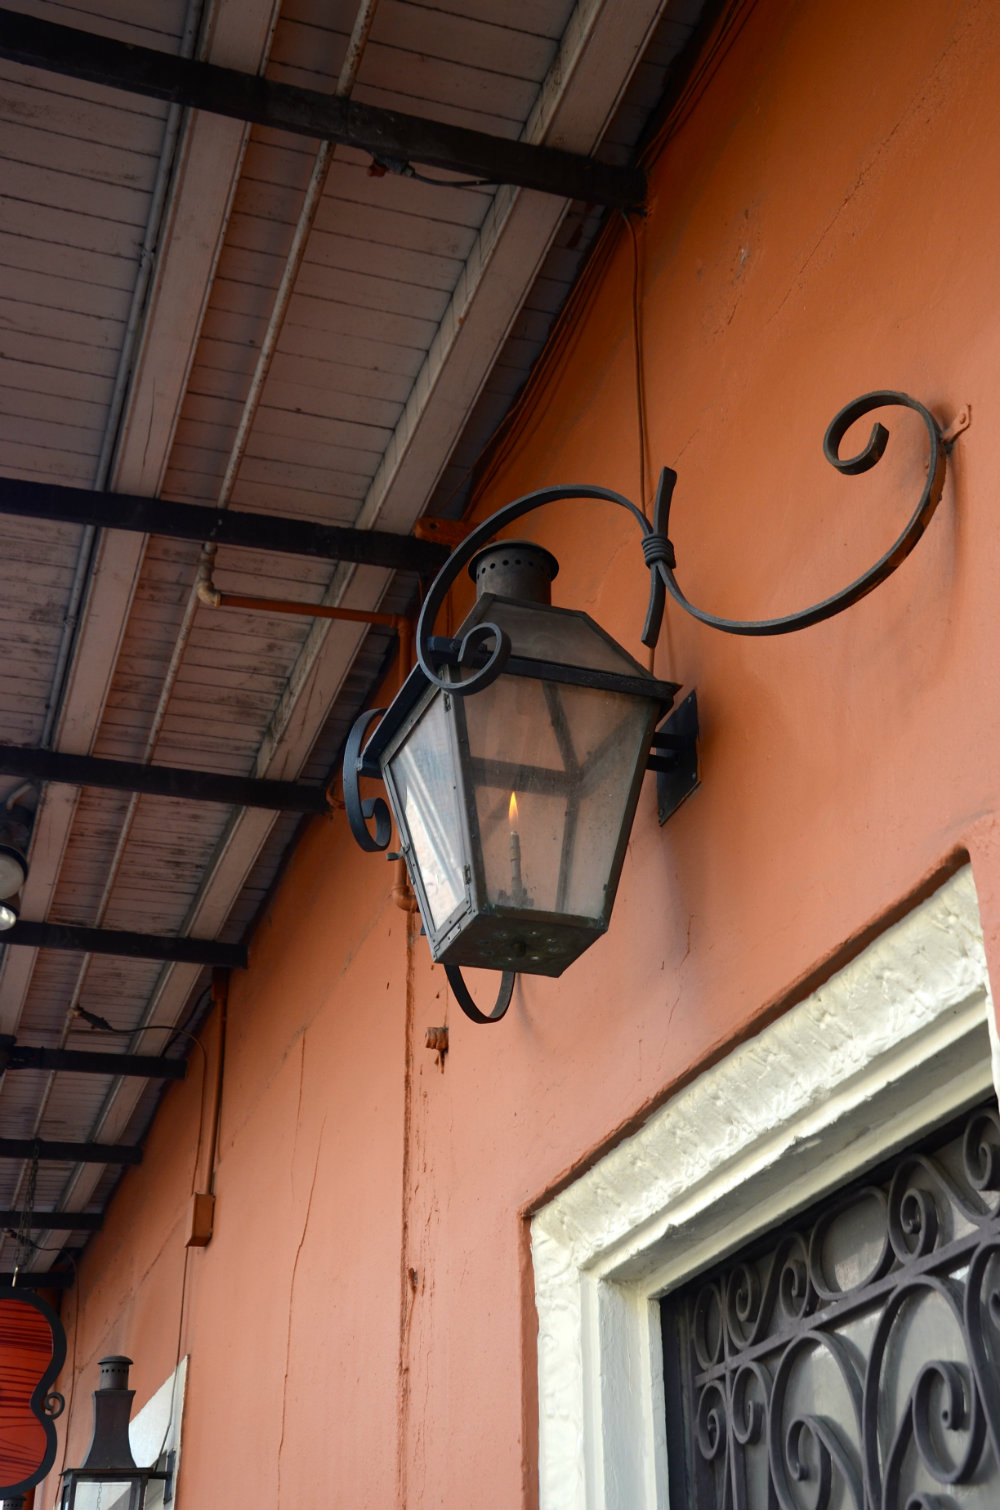 street-lamp-new-orelans-